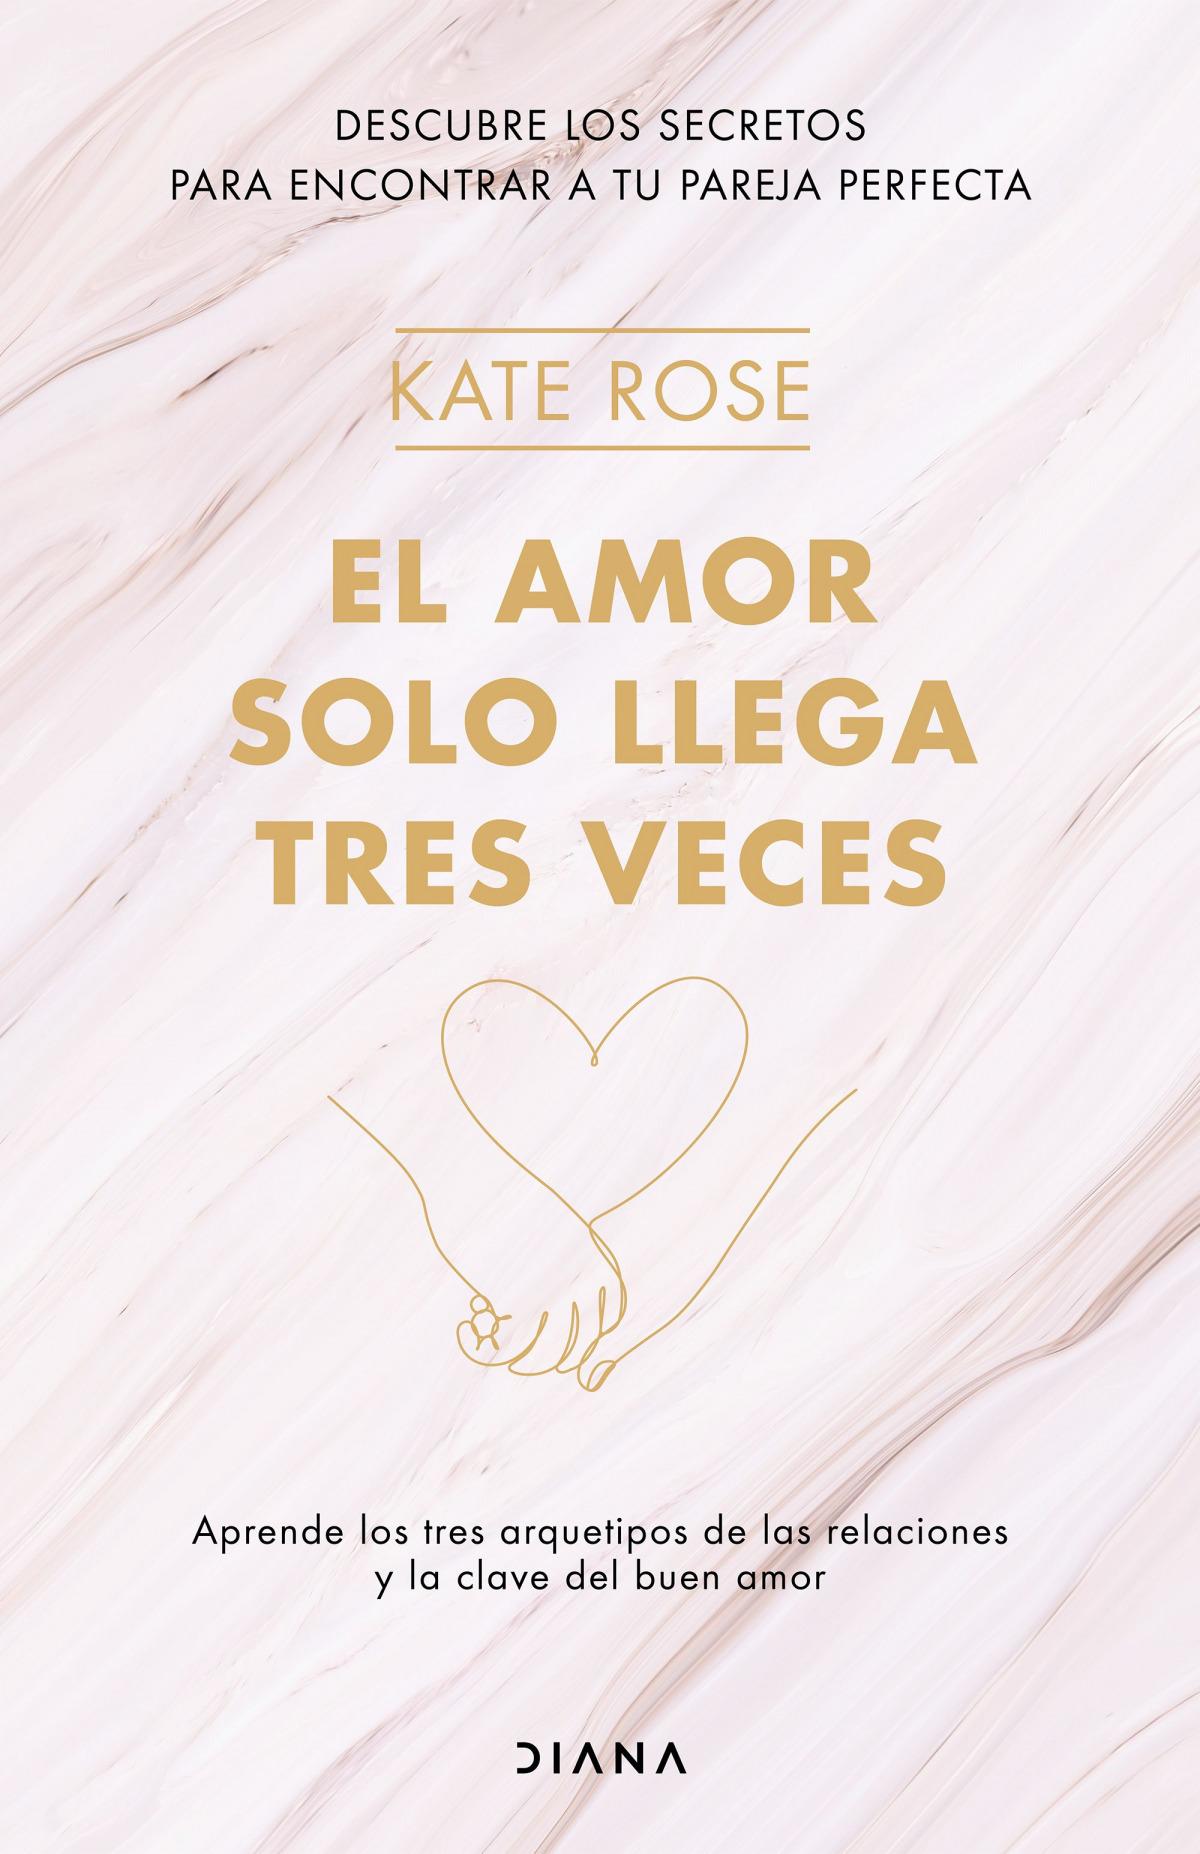 El amor solo llega tres veces